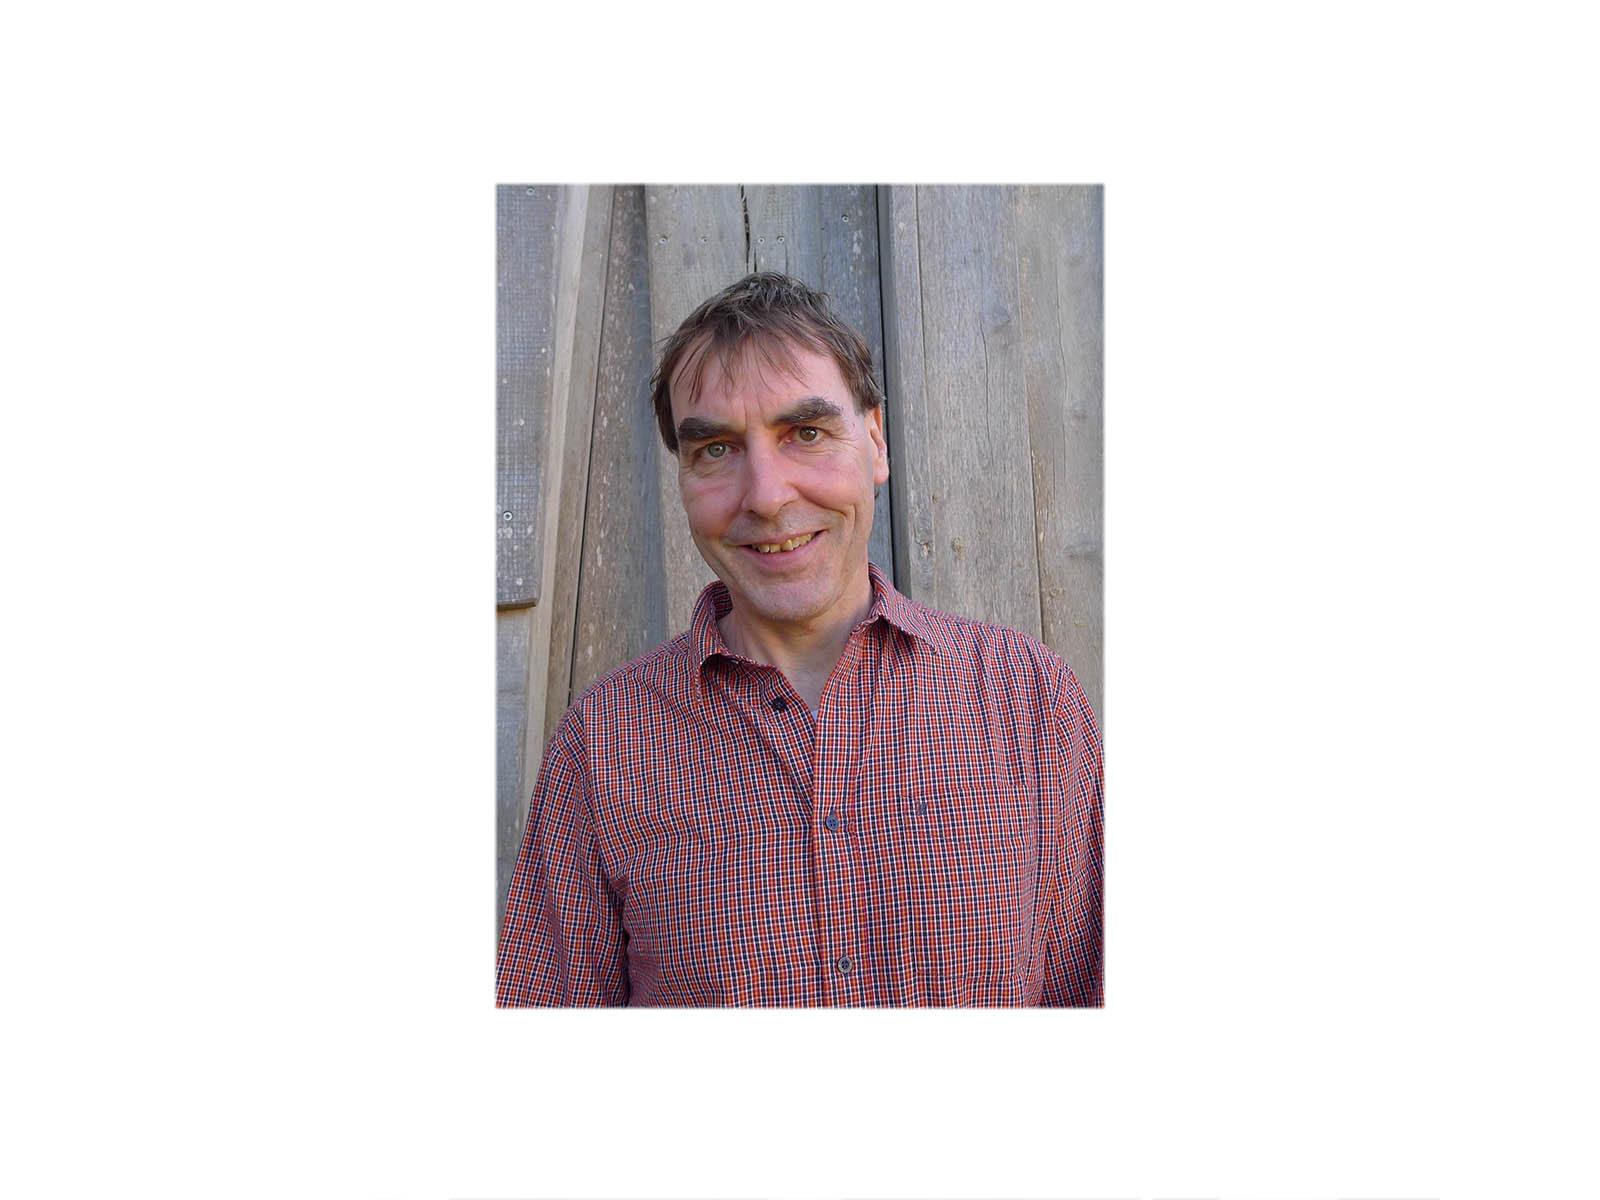 Patrik Maillard ist seit Ende Januar als Gemeinderat der AL nachgerückt.